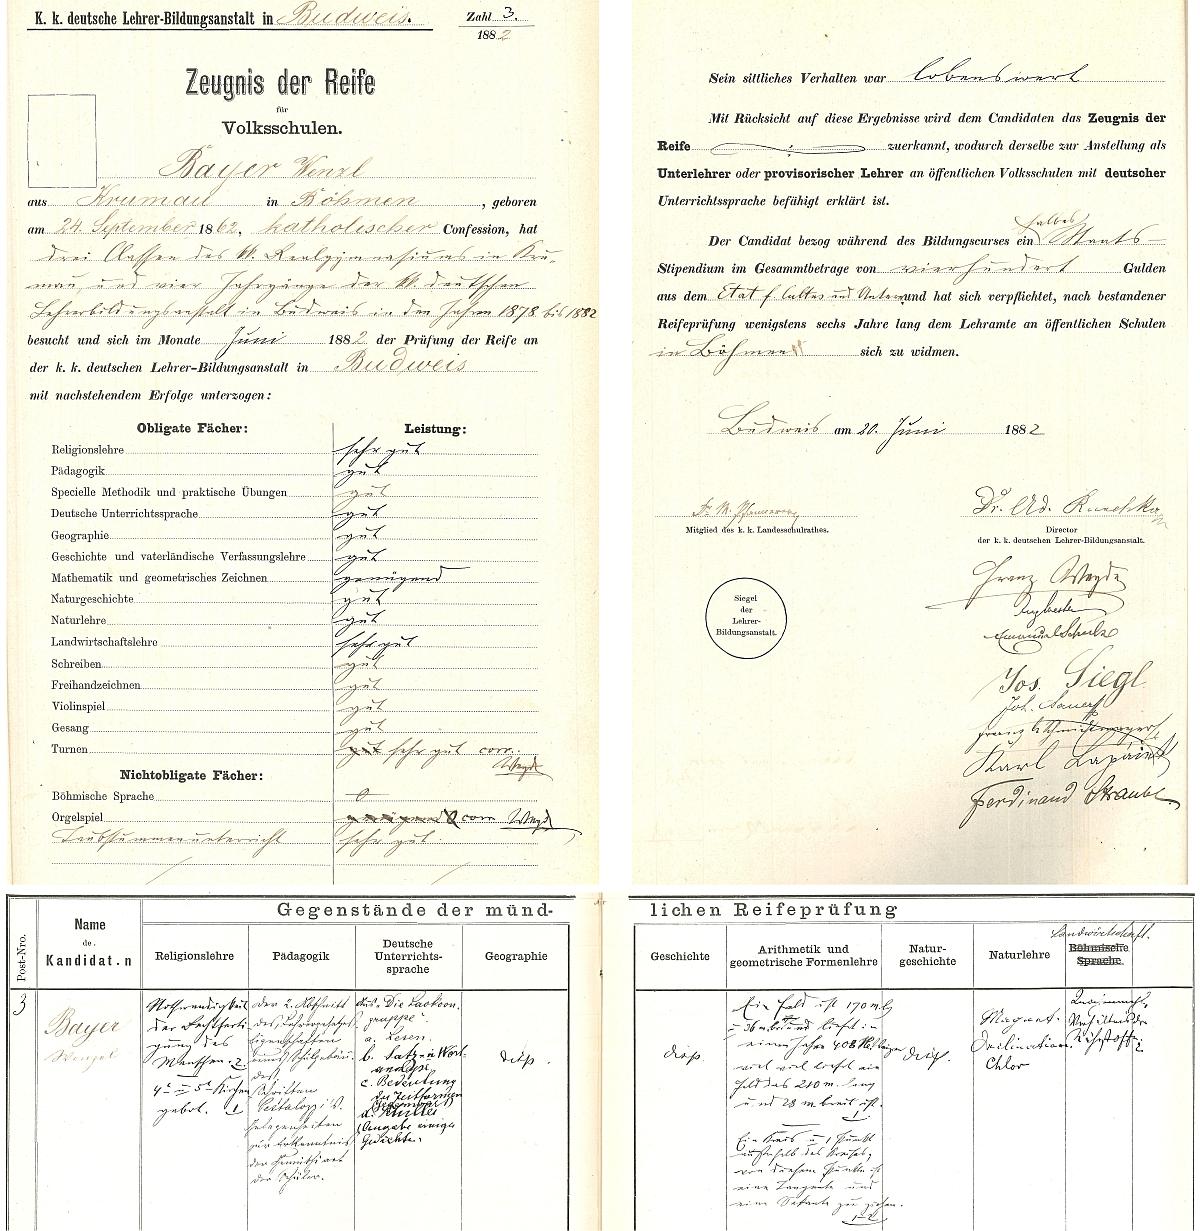 Záznamy o jeho maturitní zkoušce na českobudějovickém německém učitelském ústavu v roce 1882